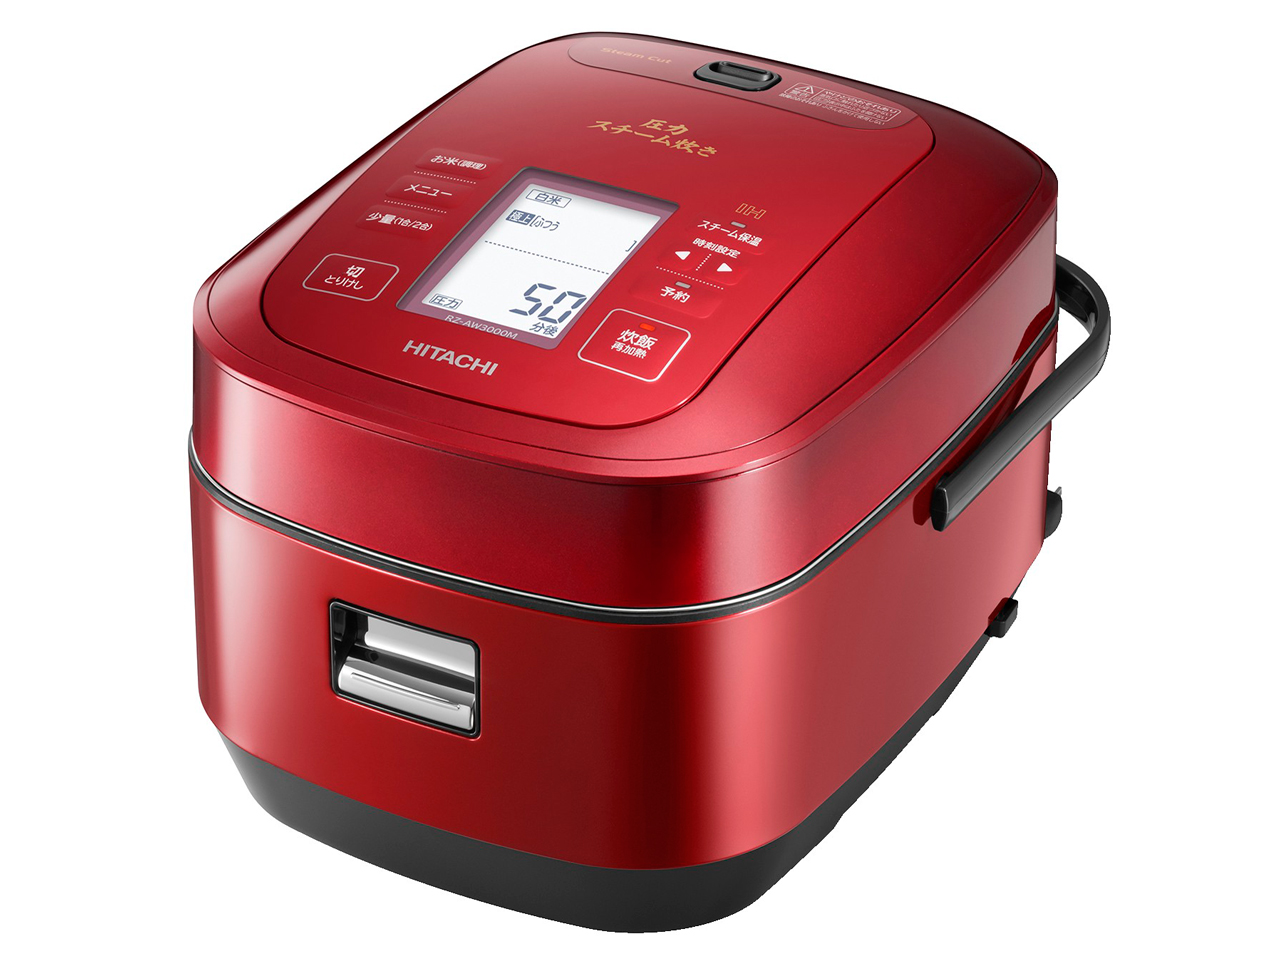 【お取り寄せ】日立(Hitachi)圧力スチームIH炊飯器「ふっくら御膳」(5.5合炊き) メタリックレッド|RZ-AW3000M-R